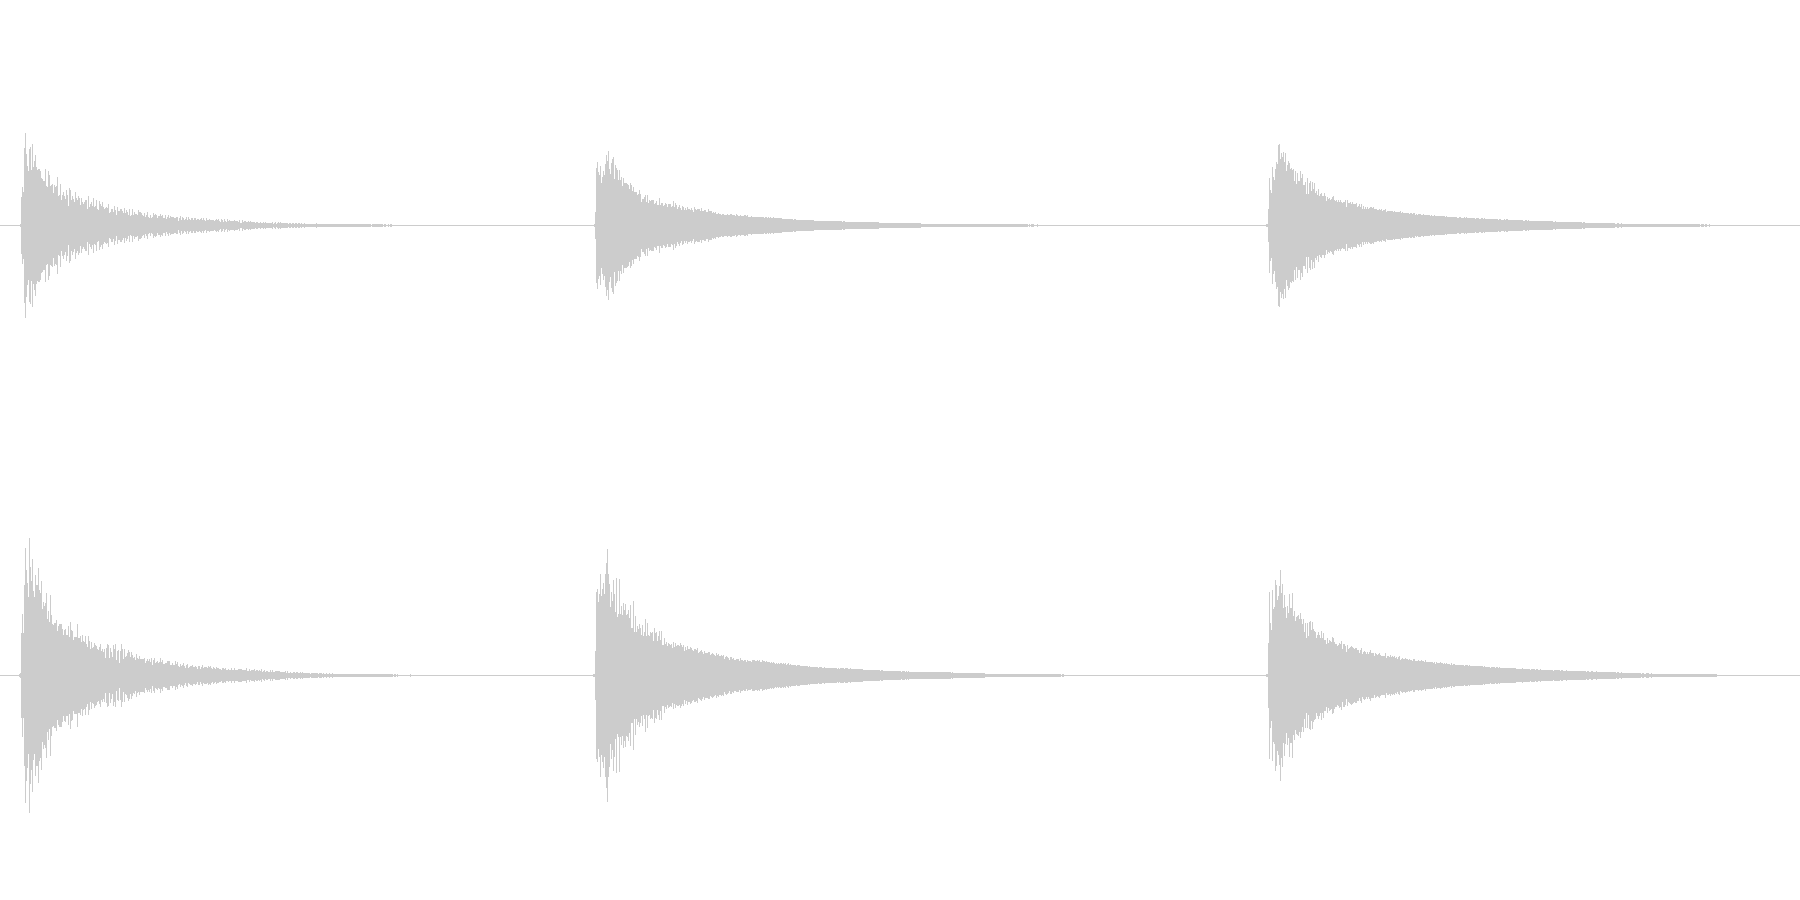 素材 ウエスタンギターコードハイデ...の未再生の波形